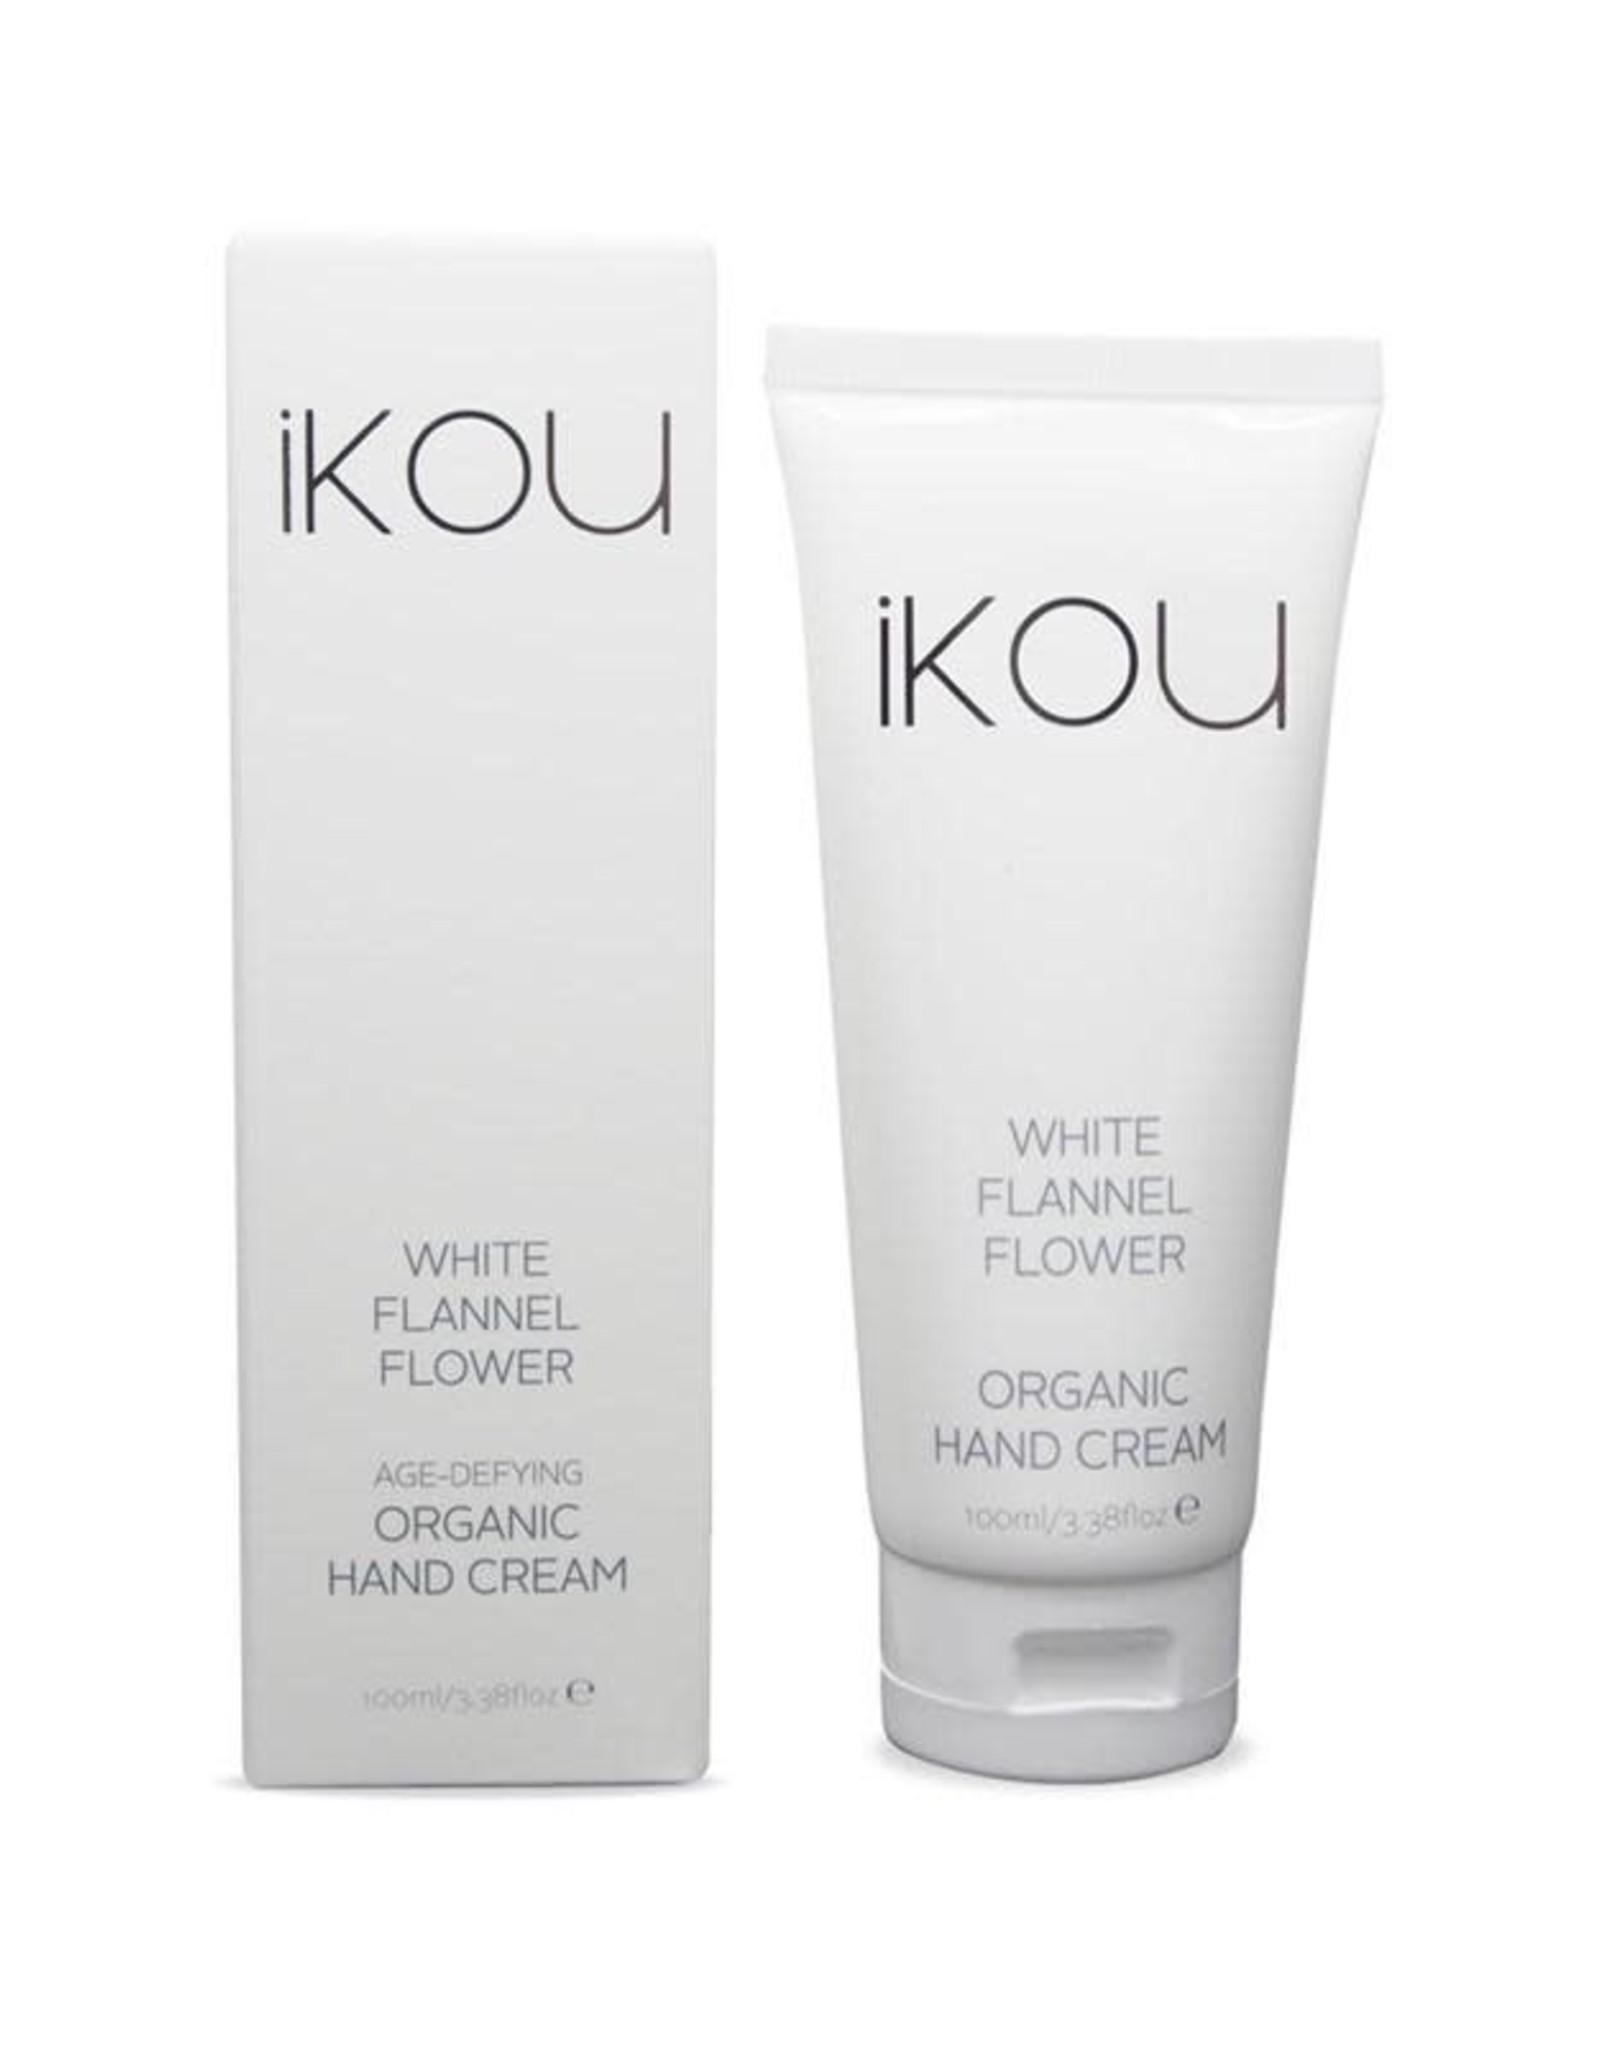 White Flannel Flower Hand Cream